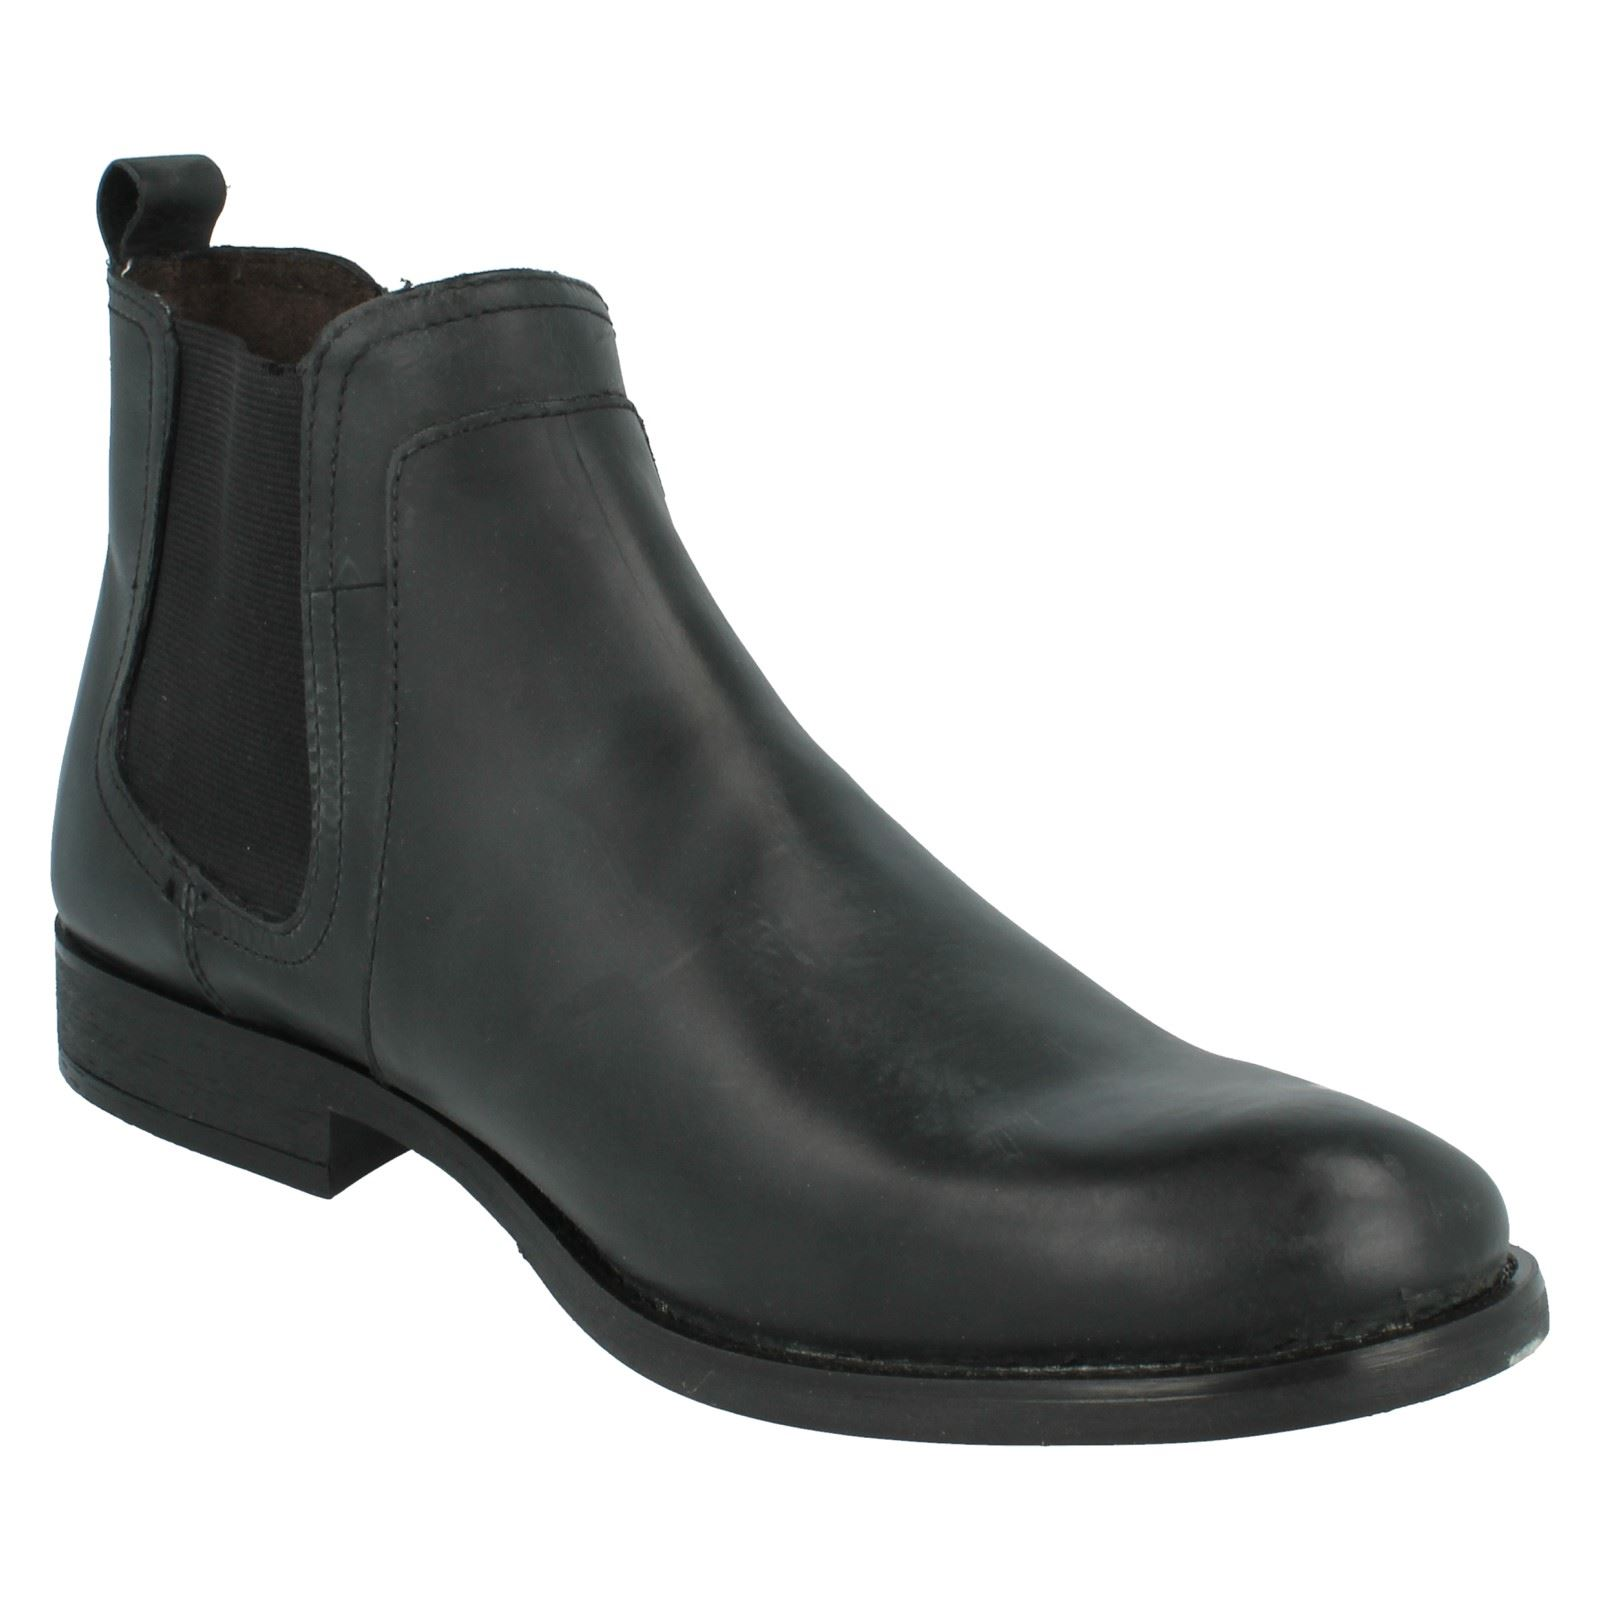 Homme Femme Homme Base   Bottines Style-Dartmouth durabilité Connu fonction spéciale Connu durabilité pour sa belle qualité a62e83